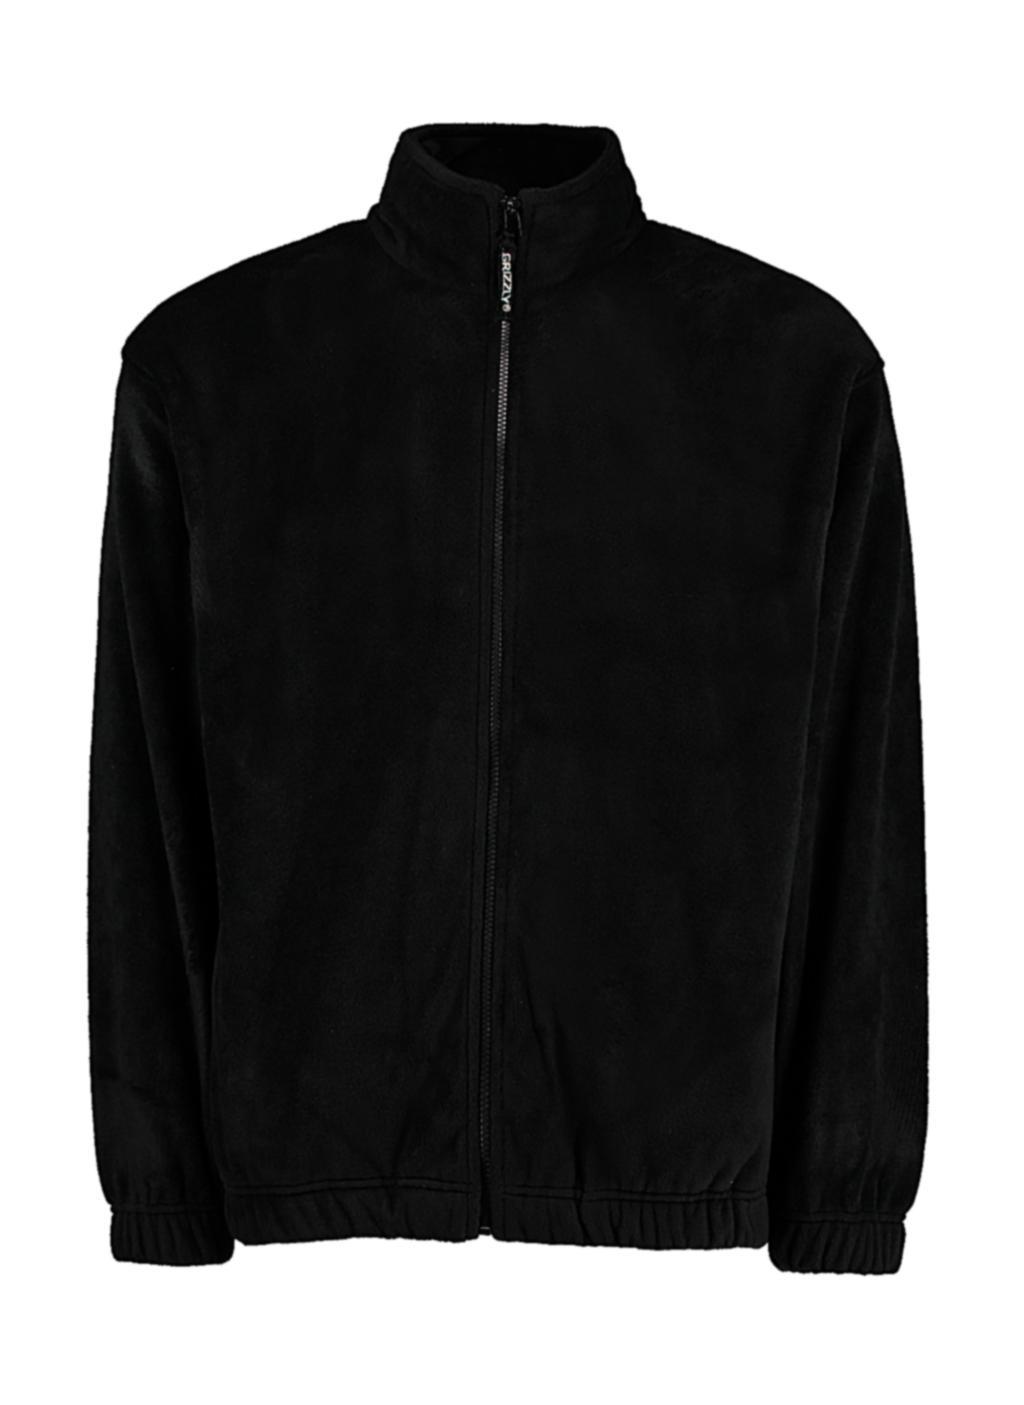 Classic Fit Full Zip Fleece